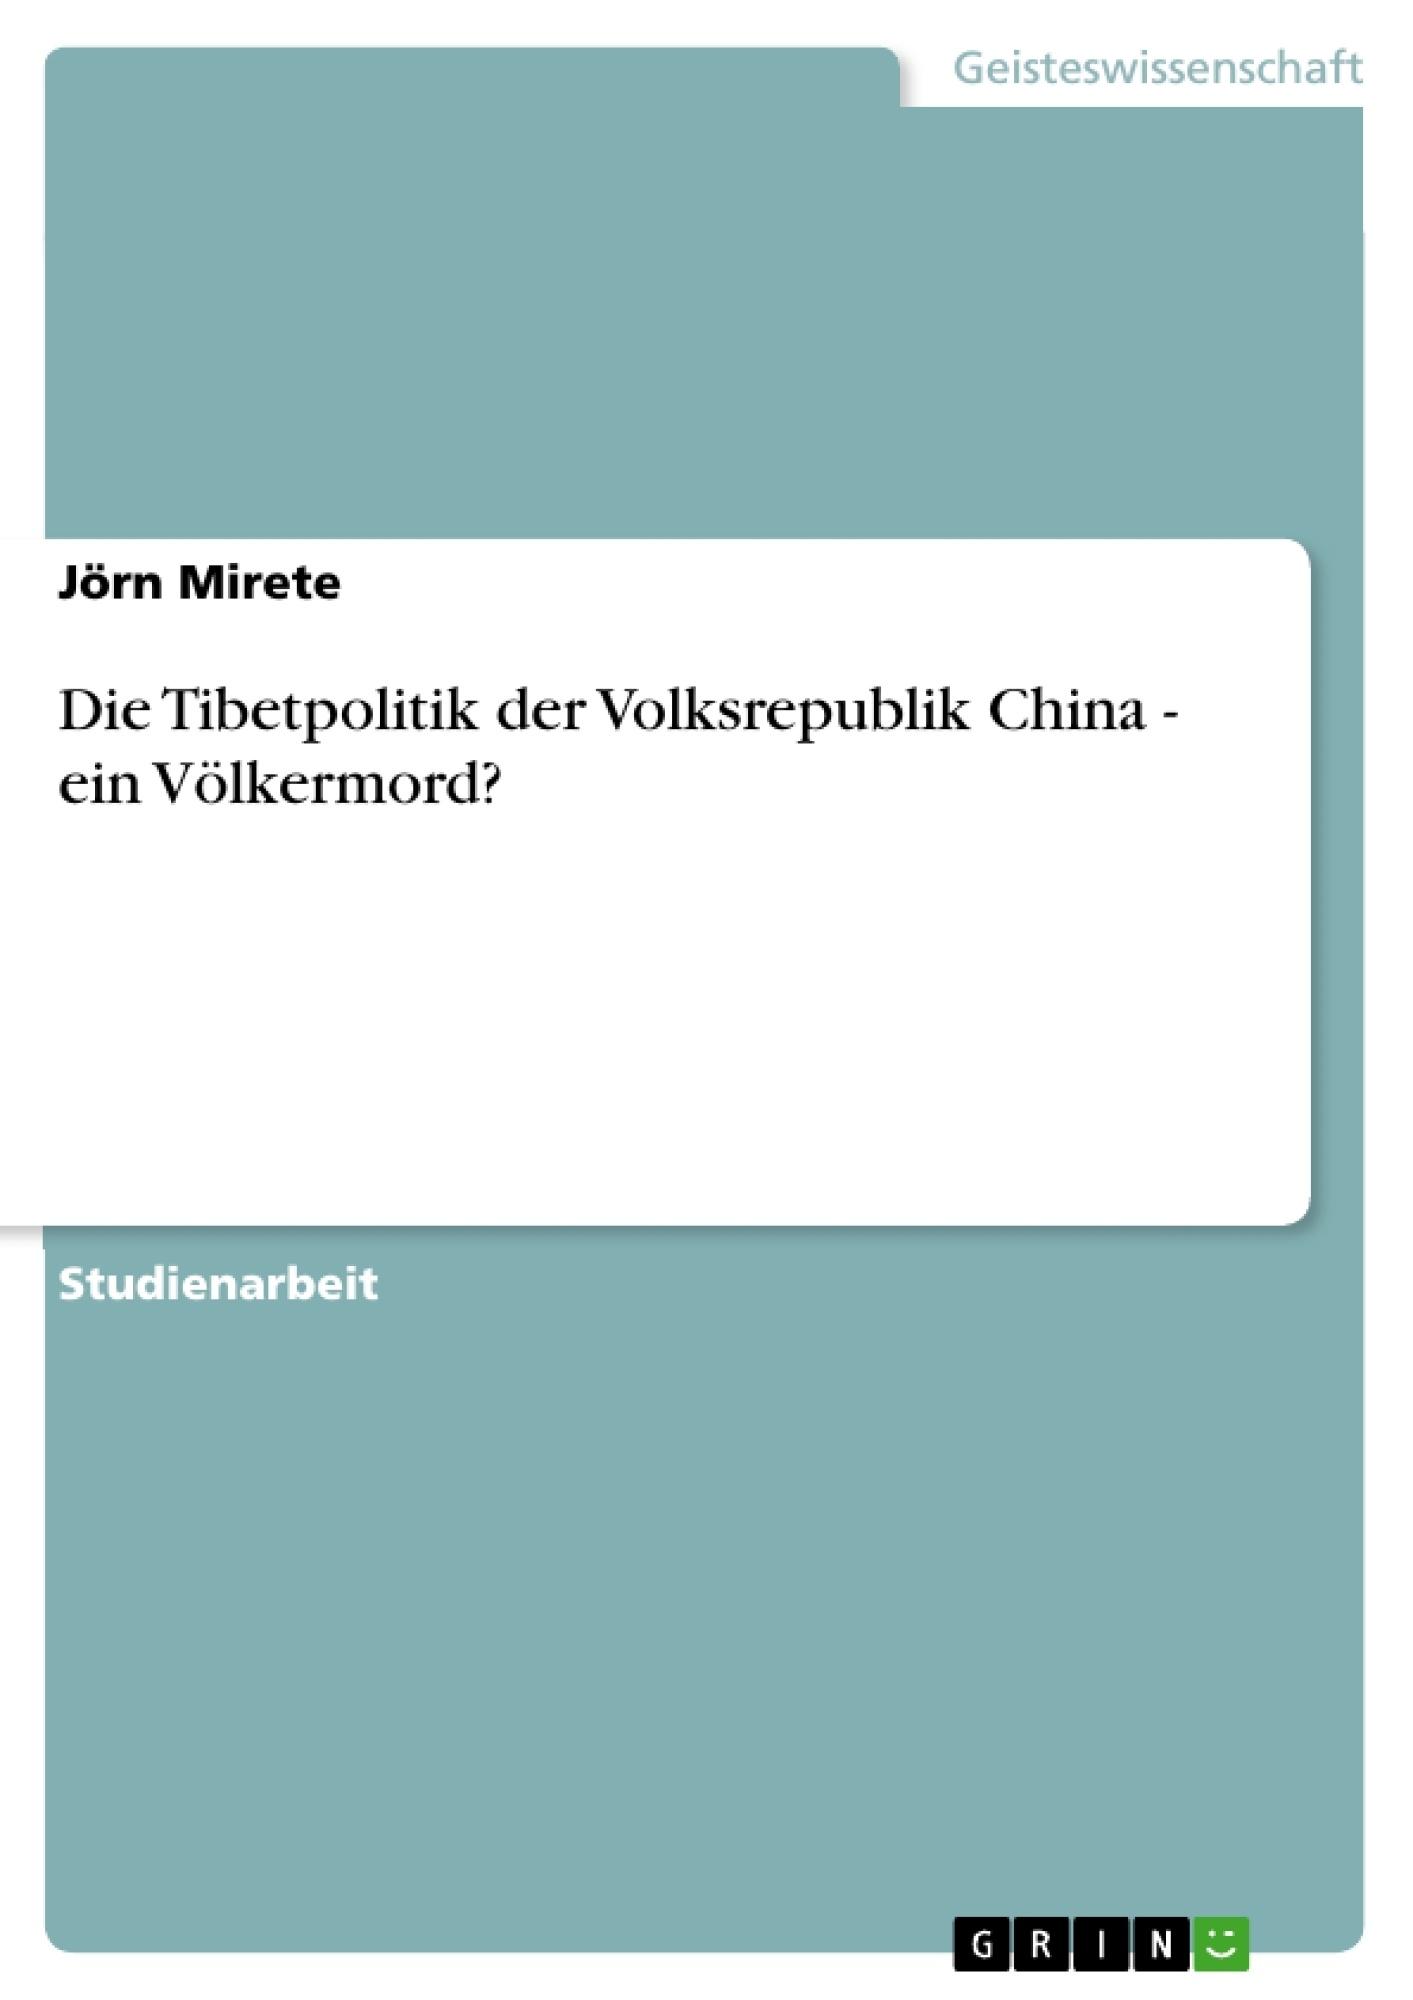 Titel: Die Tibetpolitik der Volksrepublik China - ein Völkermord?